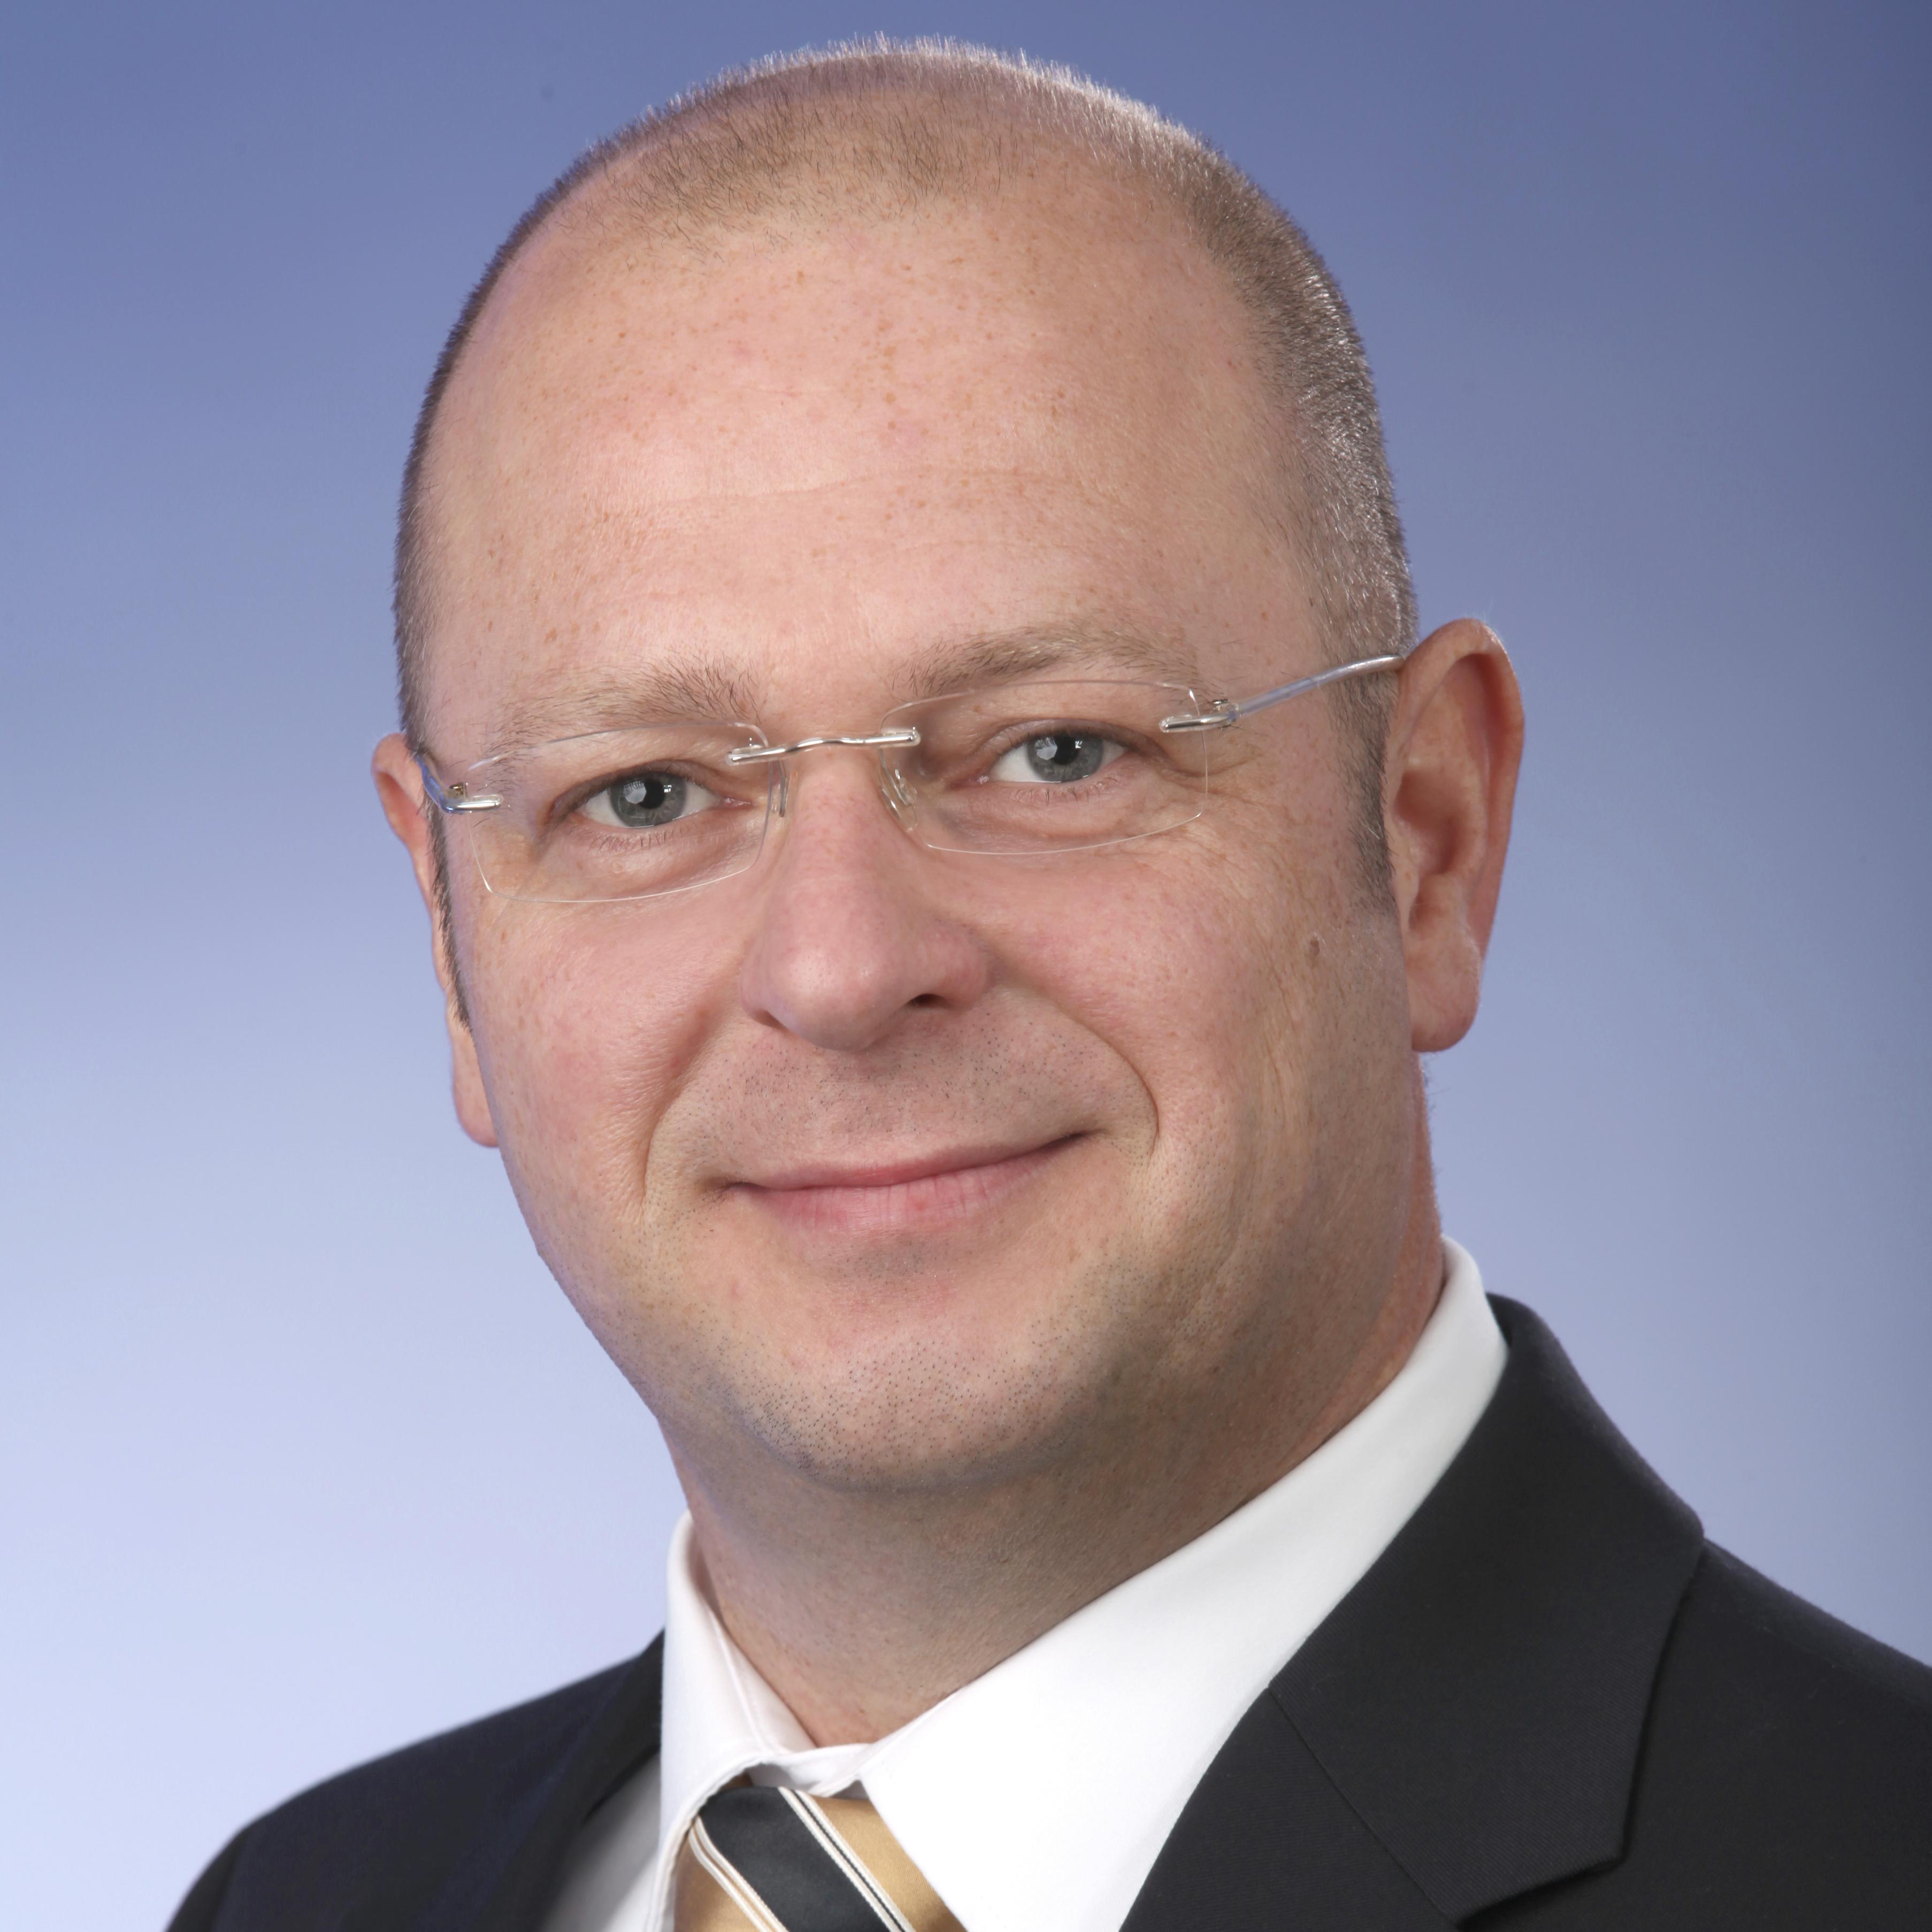 MVG - Bild Geschäftsführer